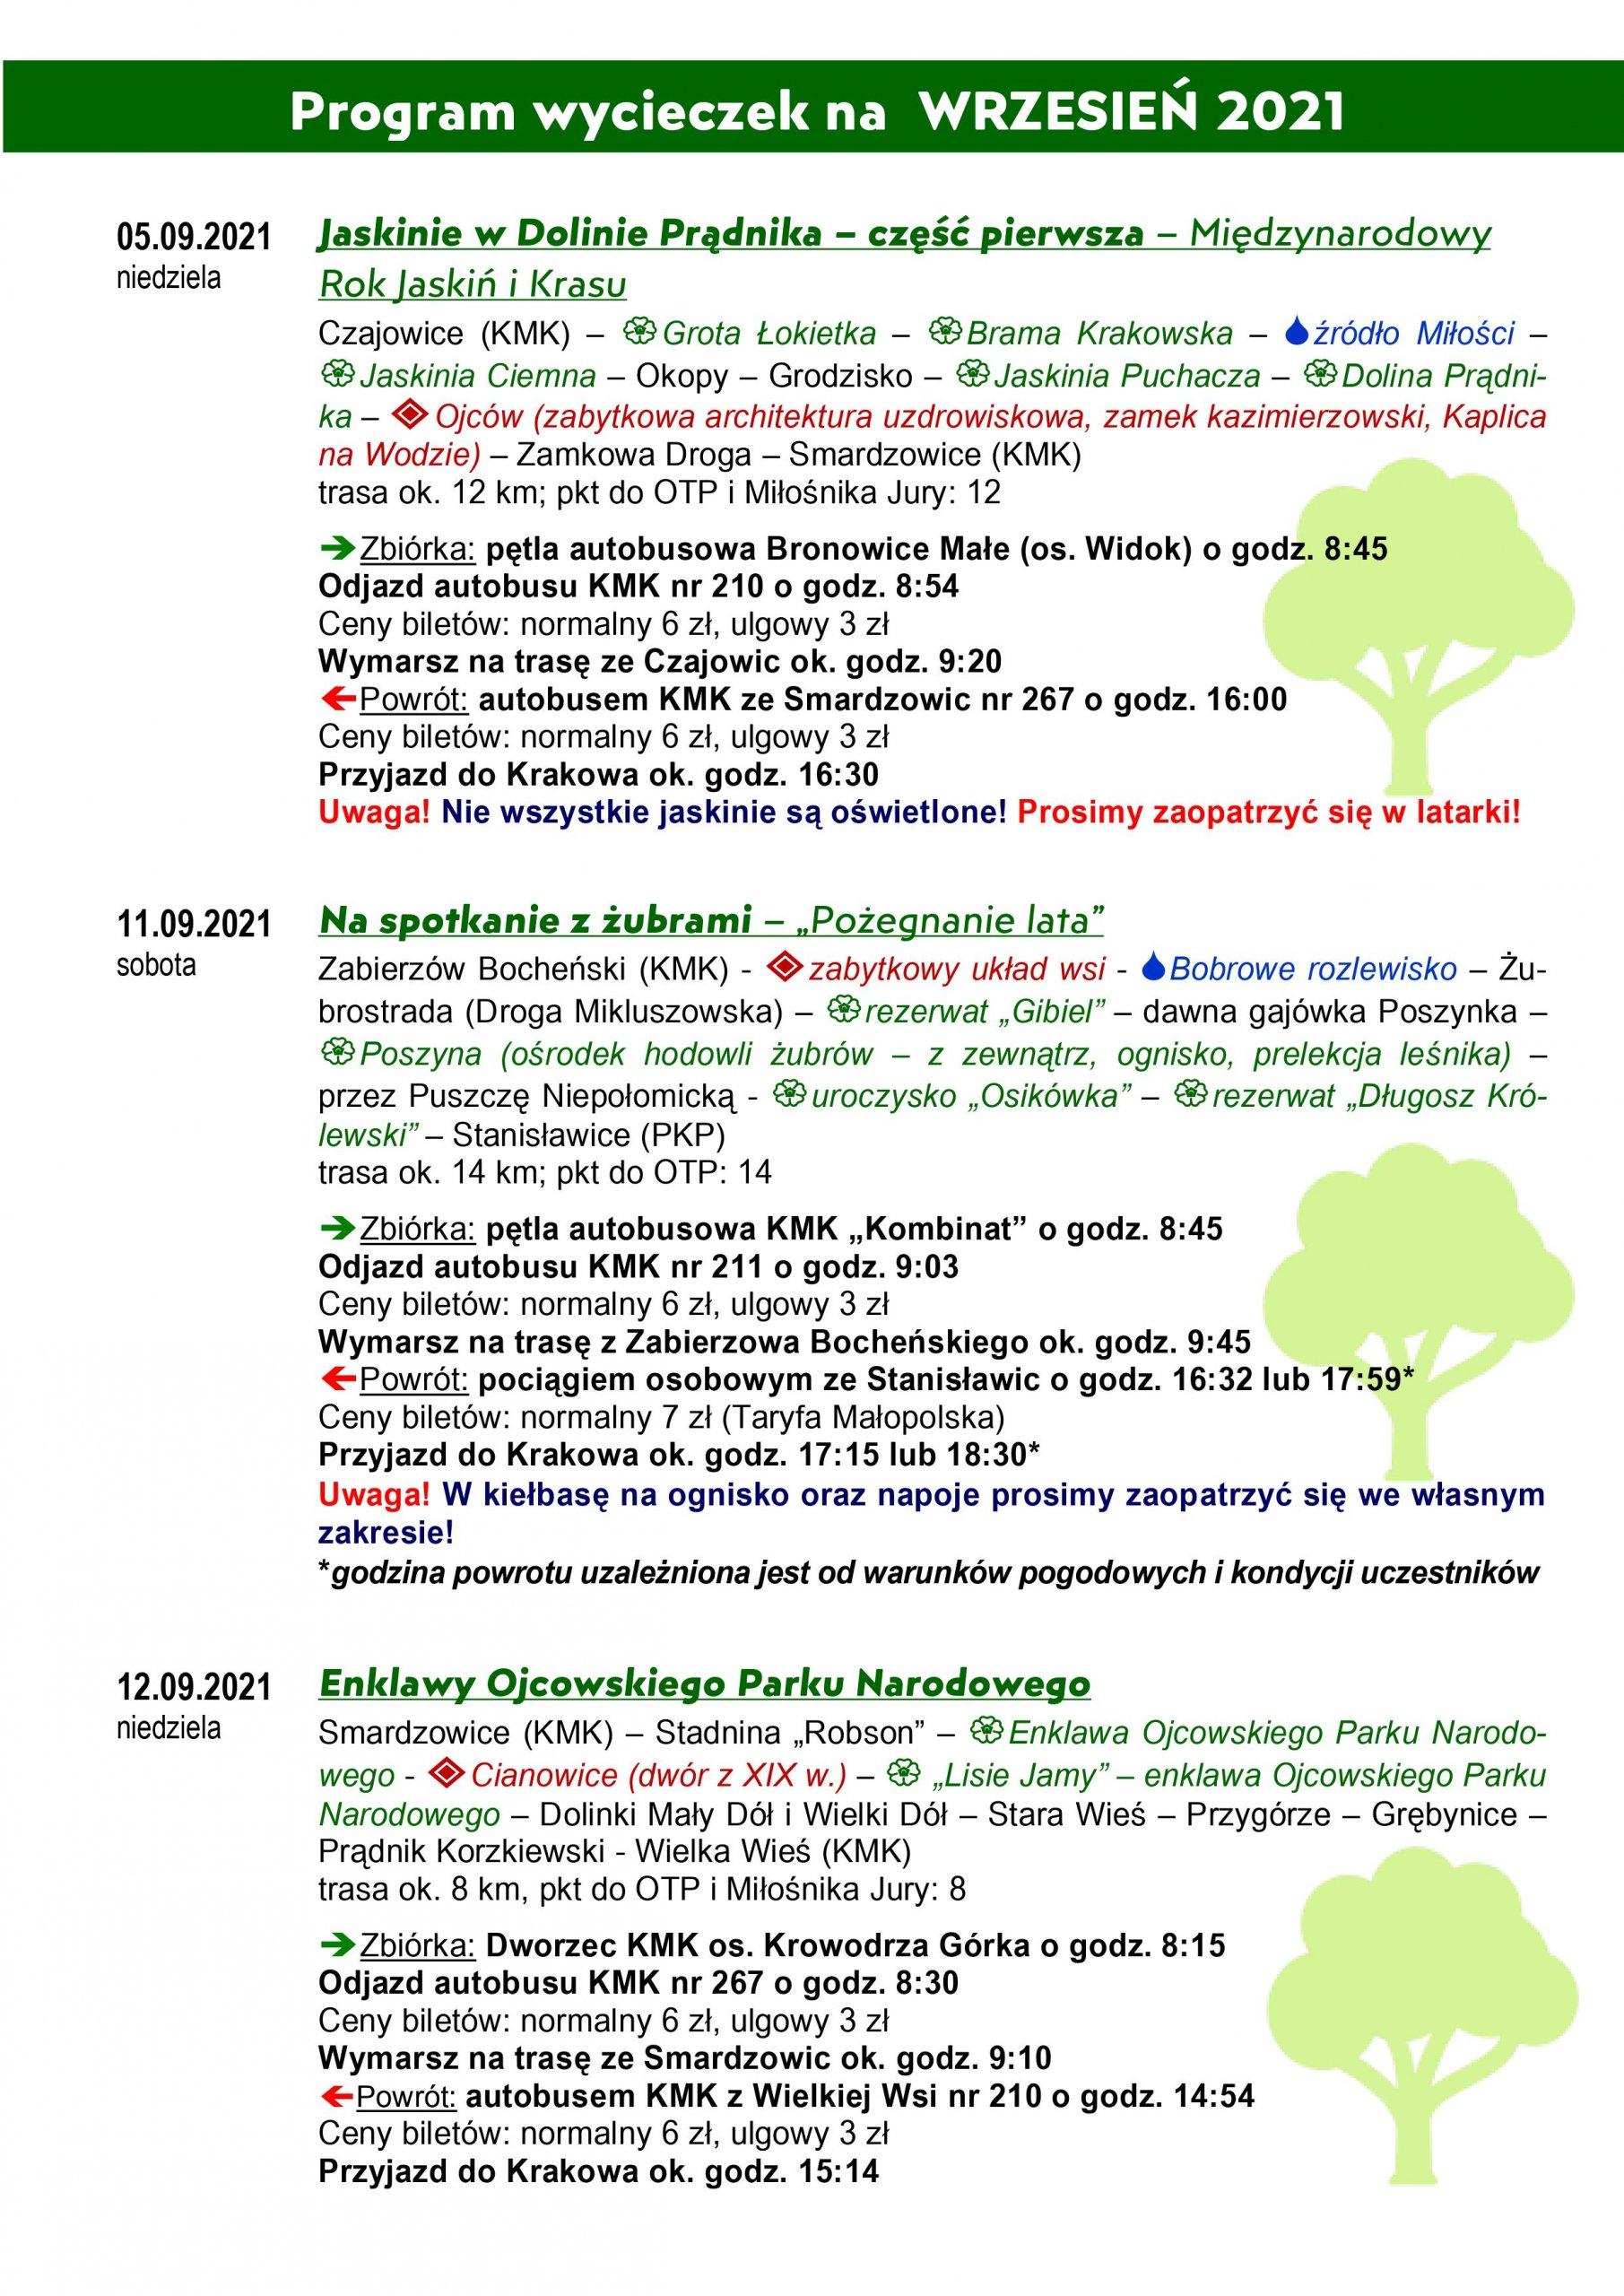 Program wycieczek do Jaskini w dolinie Prądnika, Na spotkanie z żubrami, Enklawy Ojcowskiego Parku Narodowego